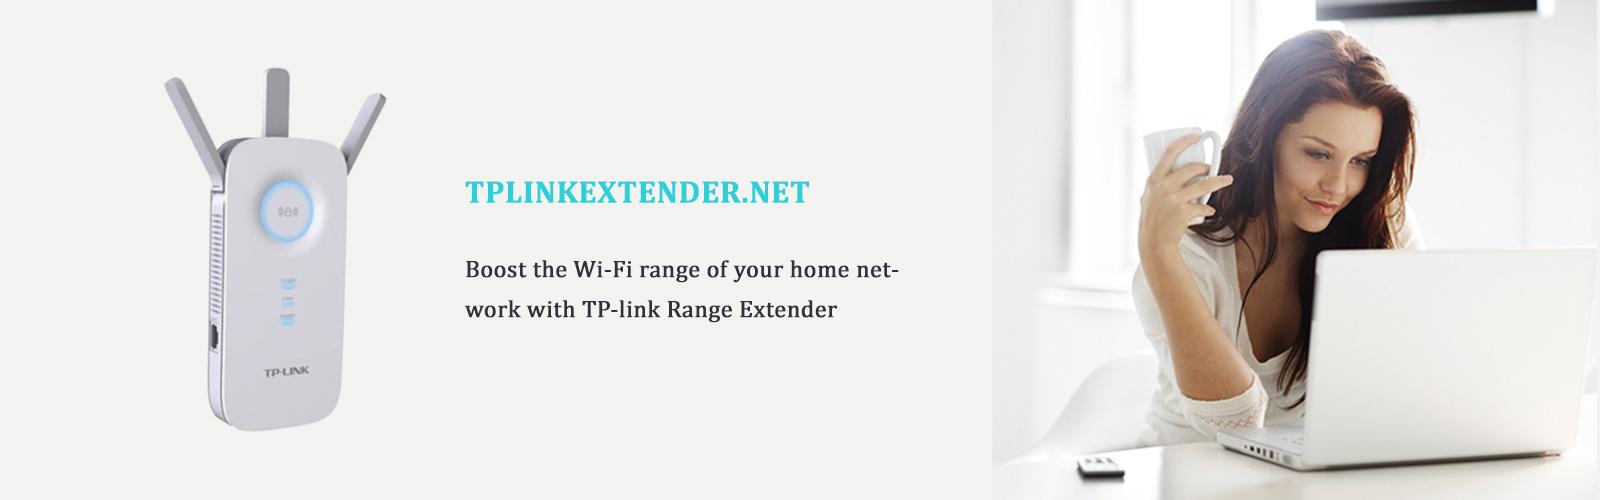 TP-Link Extender